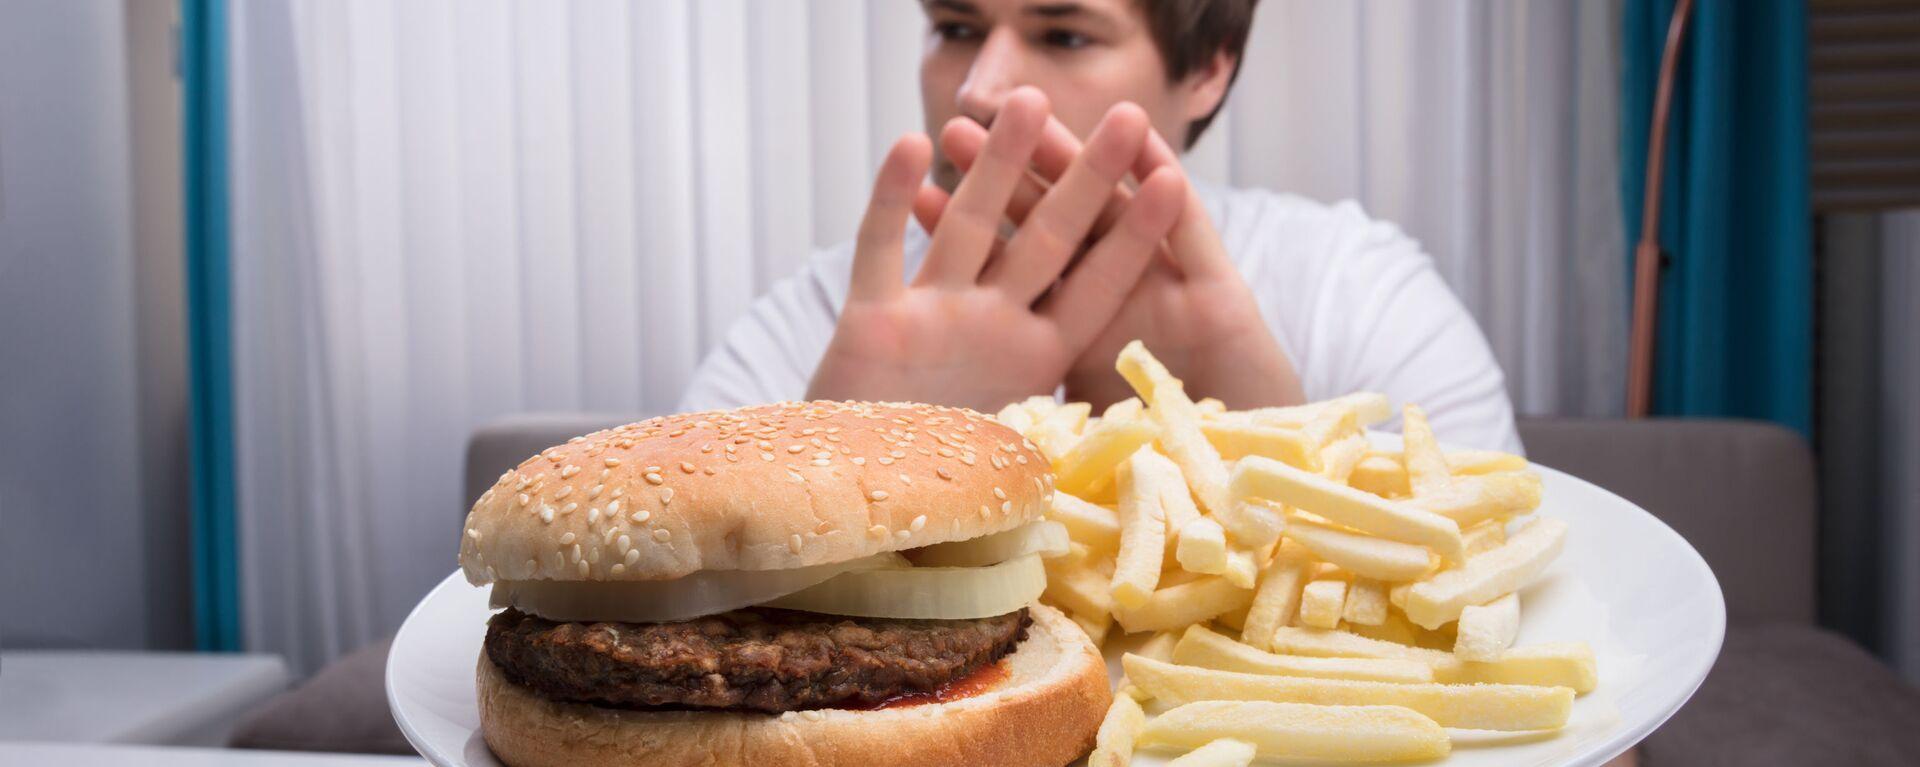 Amerykańscy naukowcy odkryli, że specjalna dieta 5:2 zmniejsza ryzyko impotencji.  - Sputnik Polska, 1920, 10.07.2021